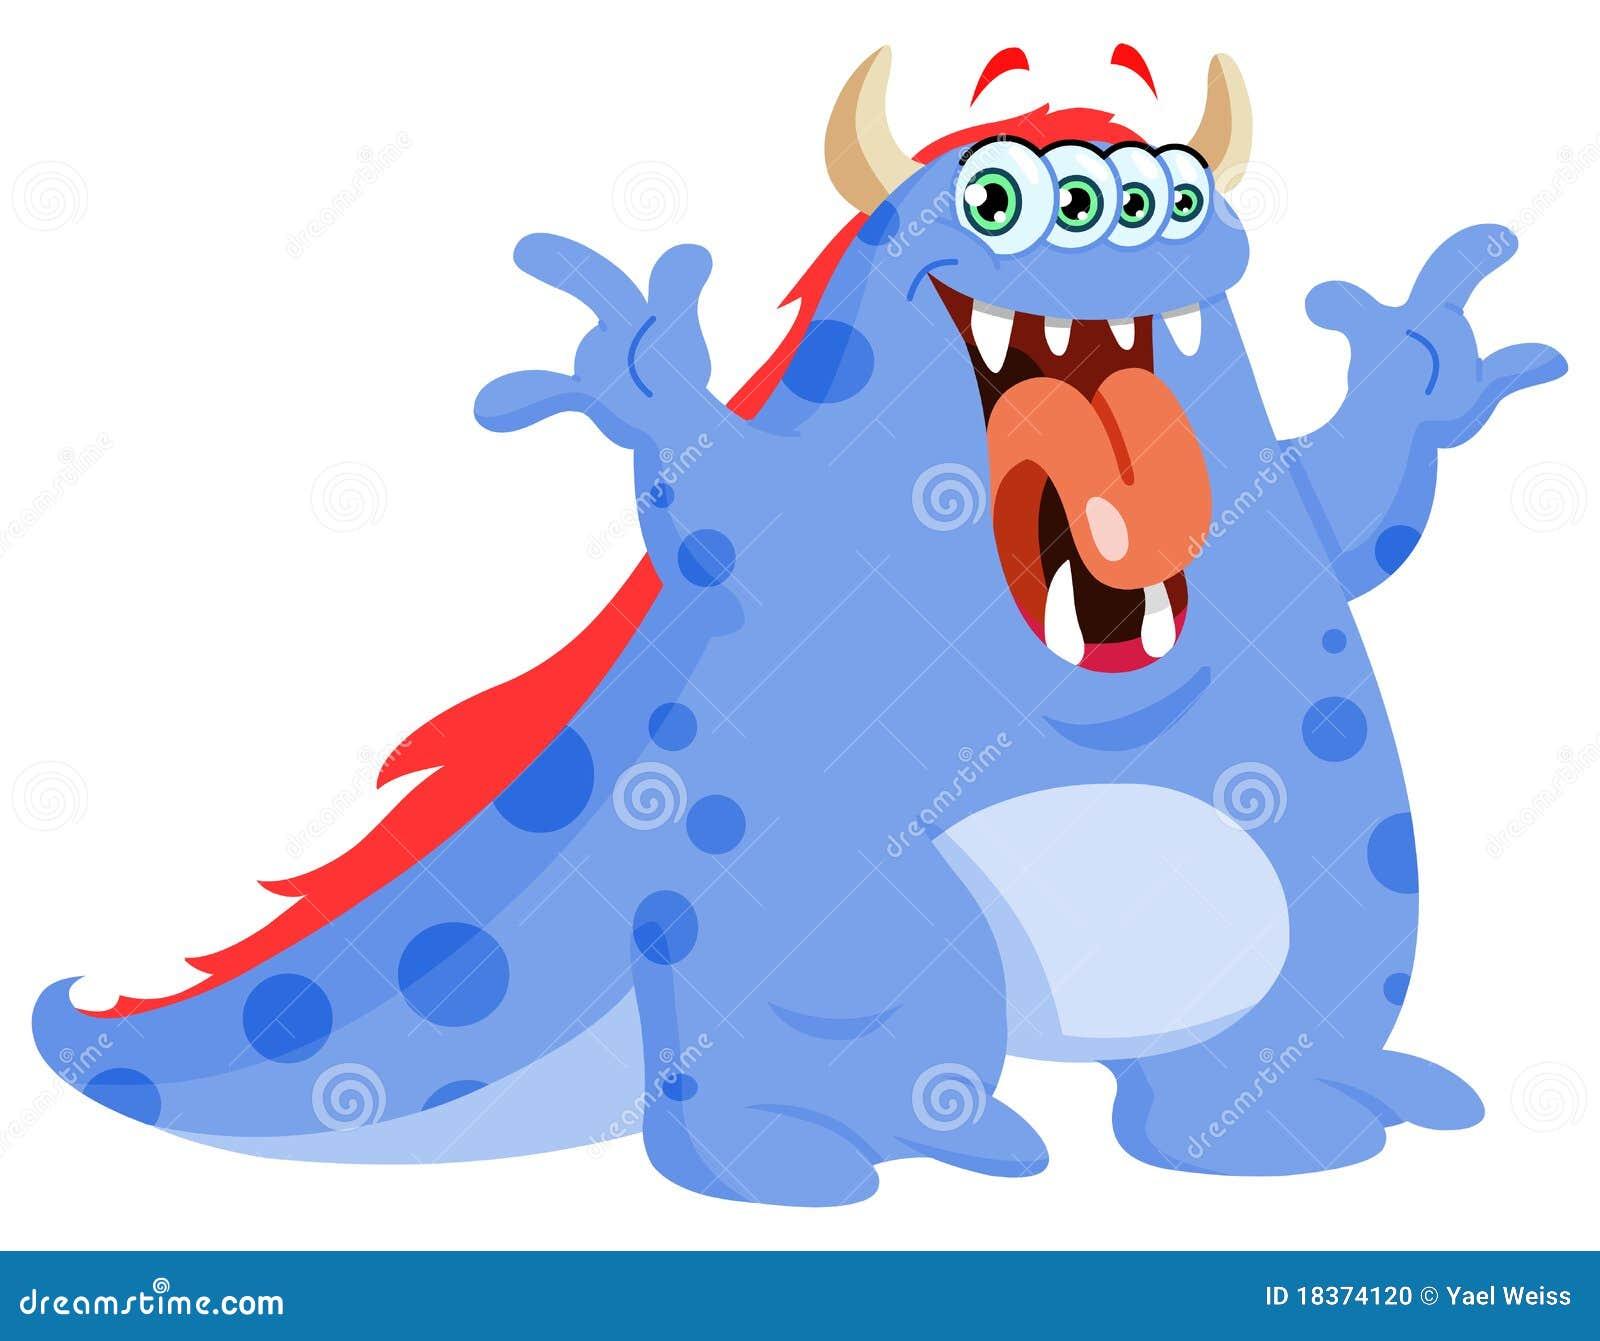 Wunderbar Monster Jobs Werden Fortgesetzt Ideen - Beispiel Business ...